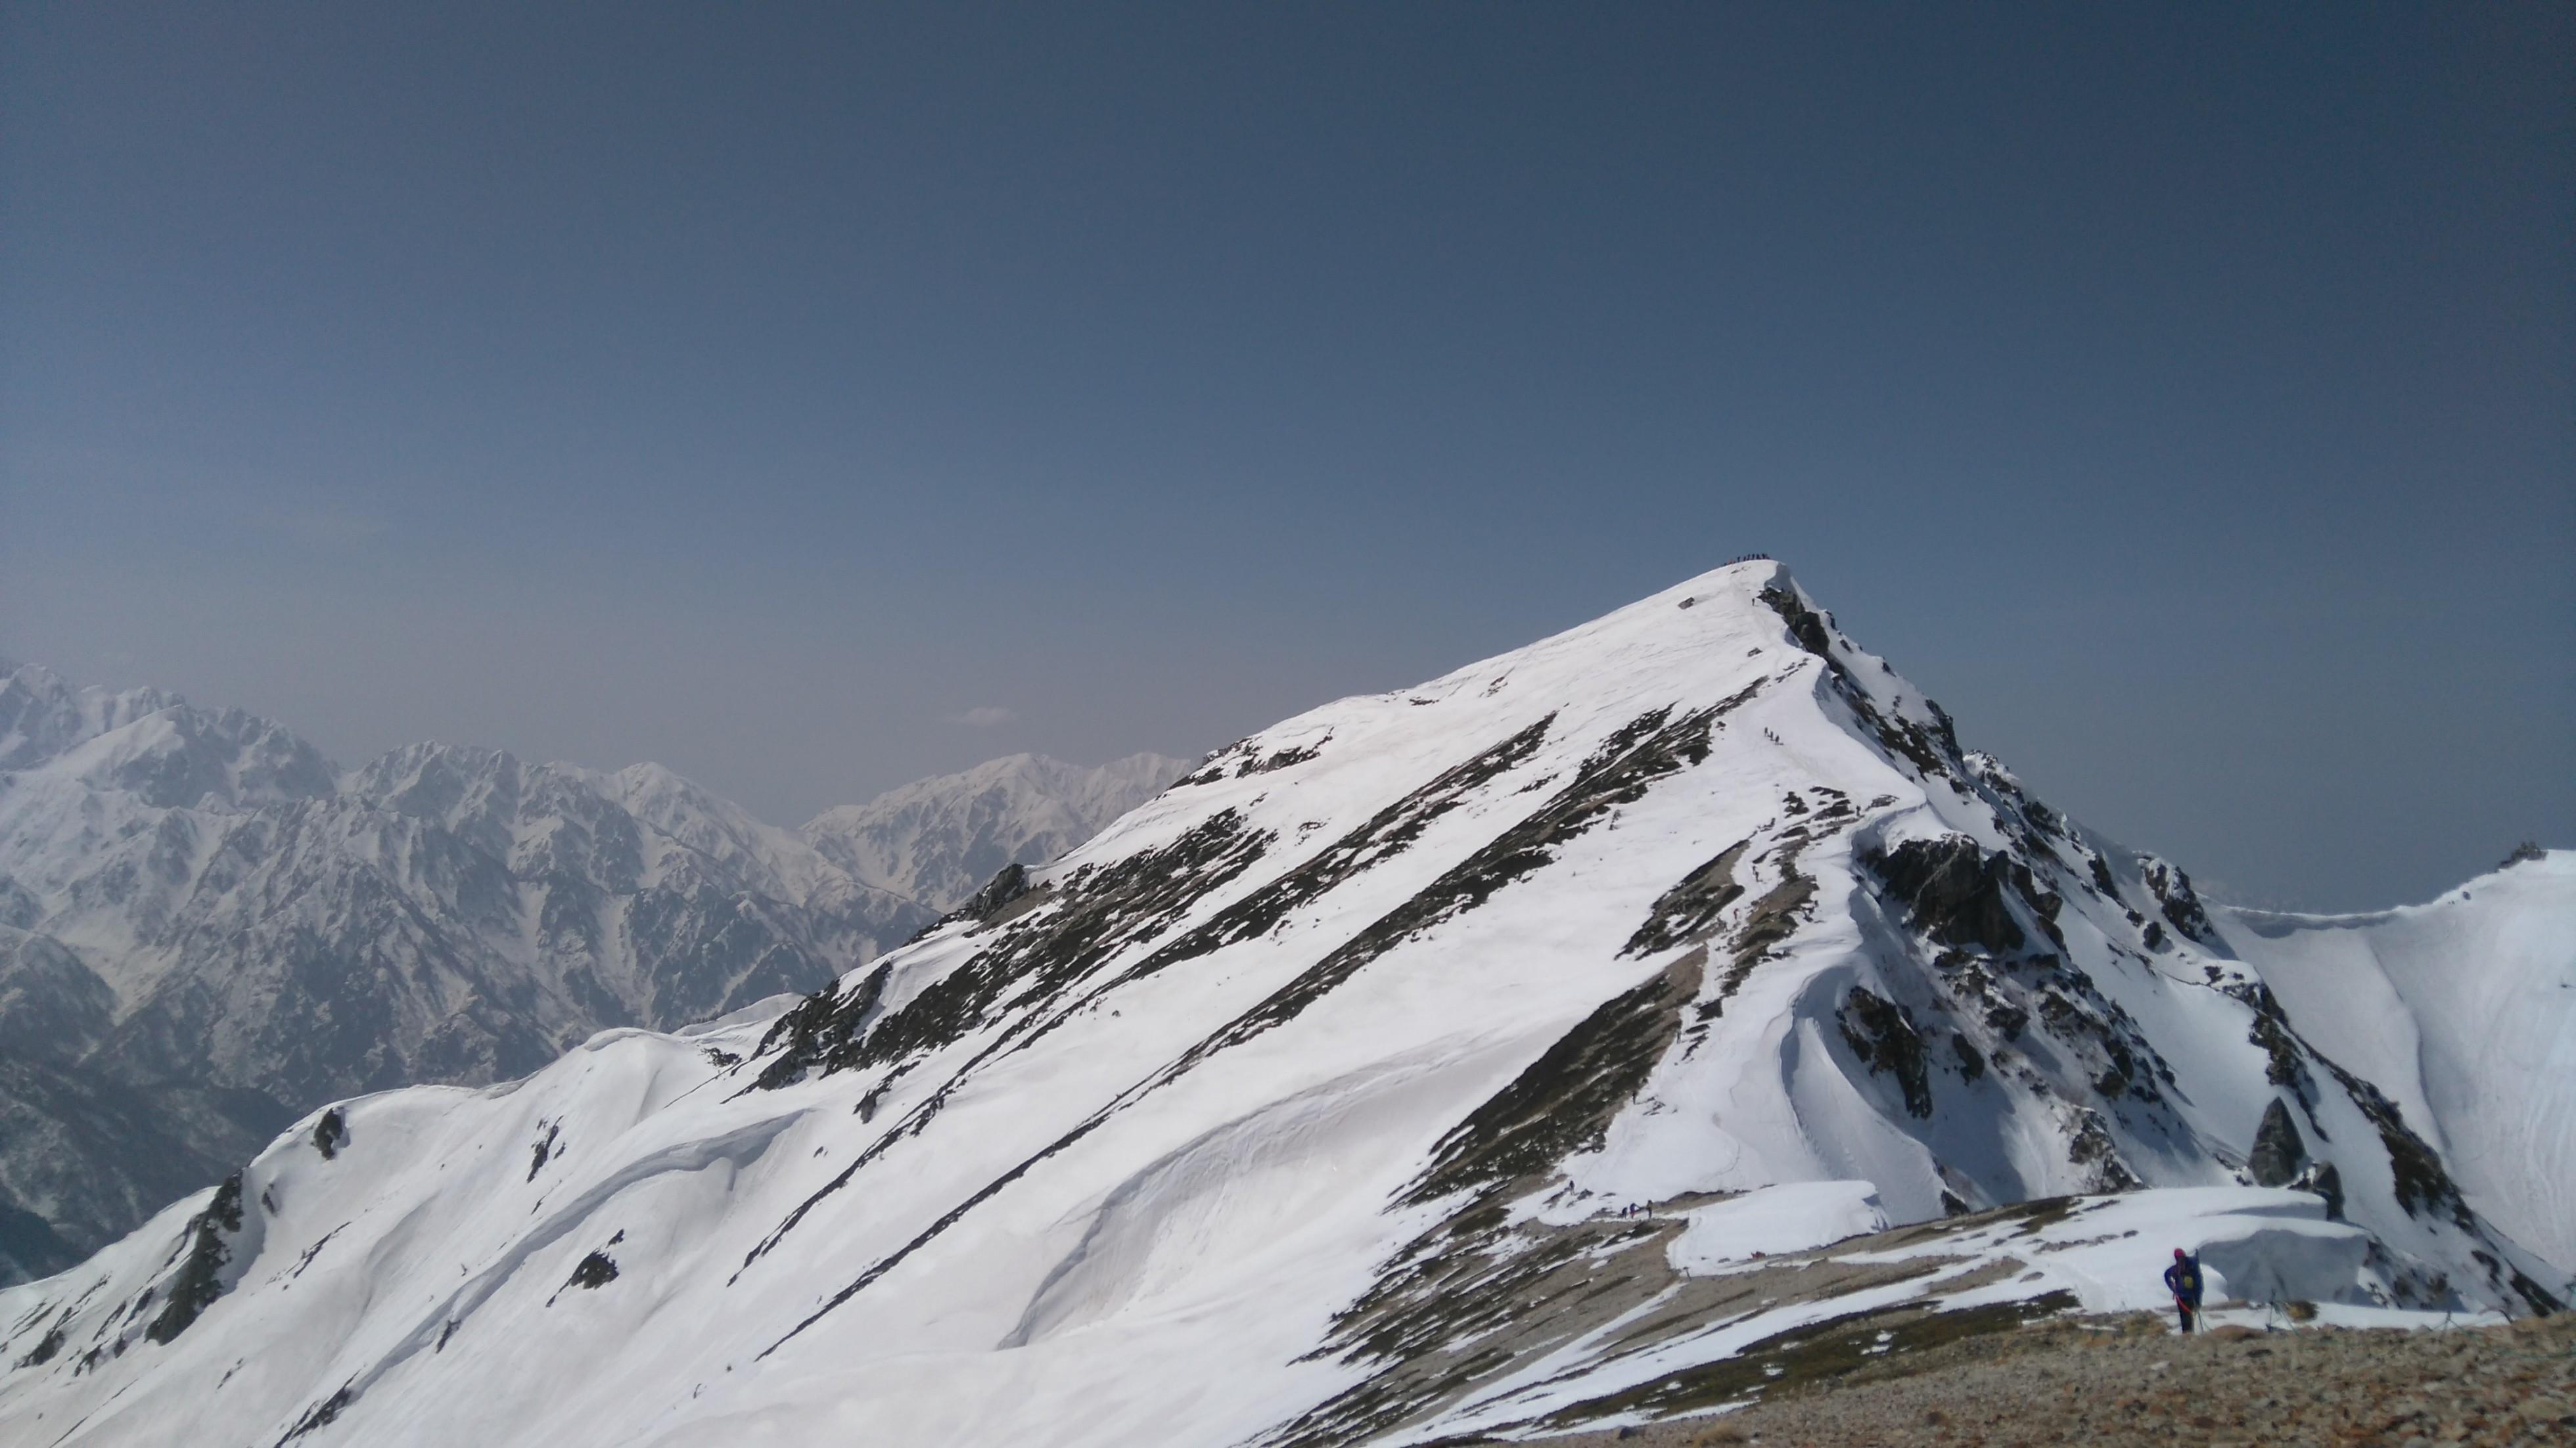 唐松岳頂上山荘から眺める唐松岳